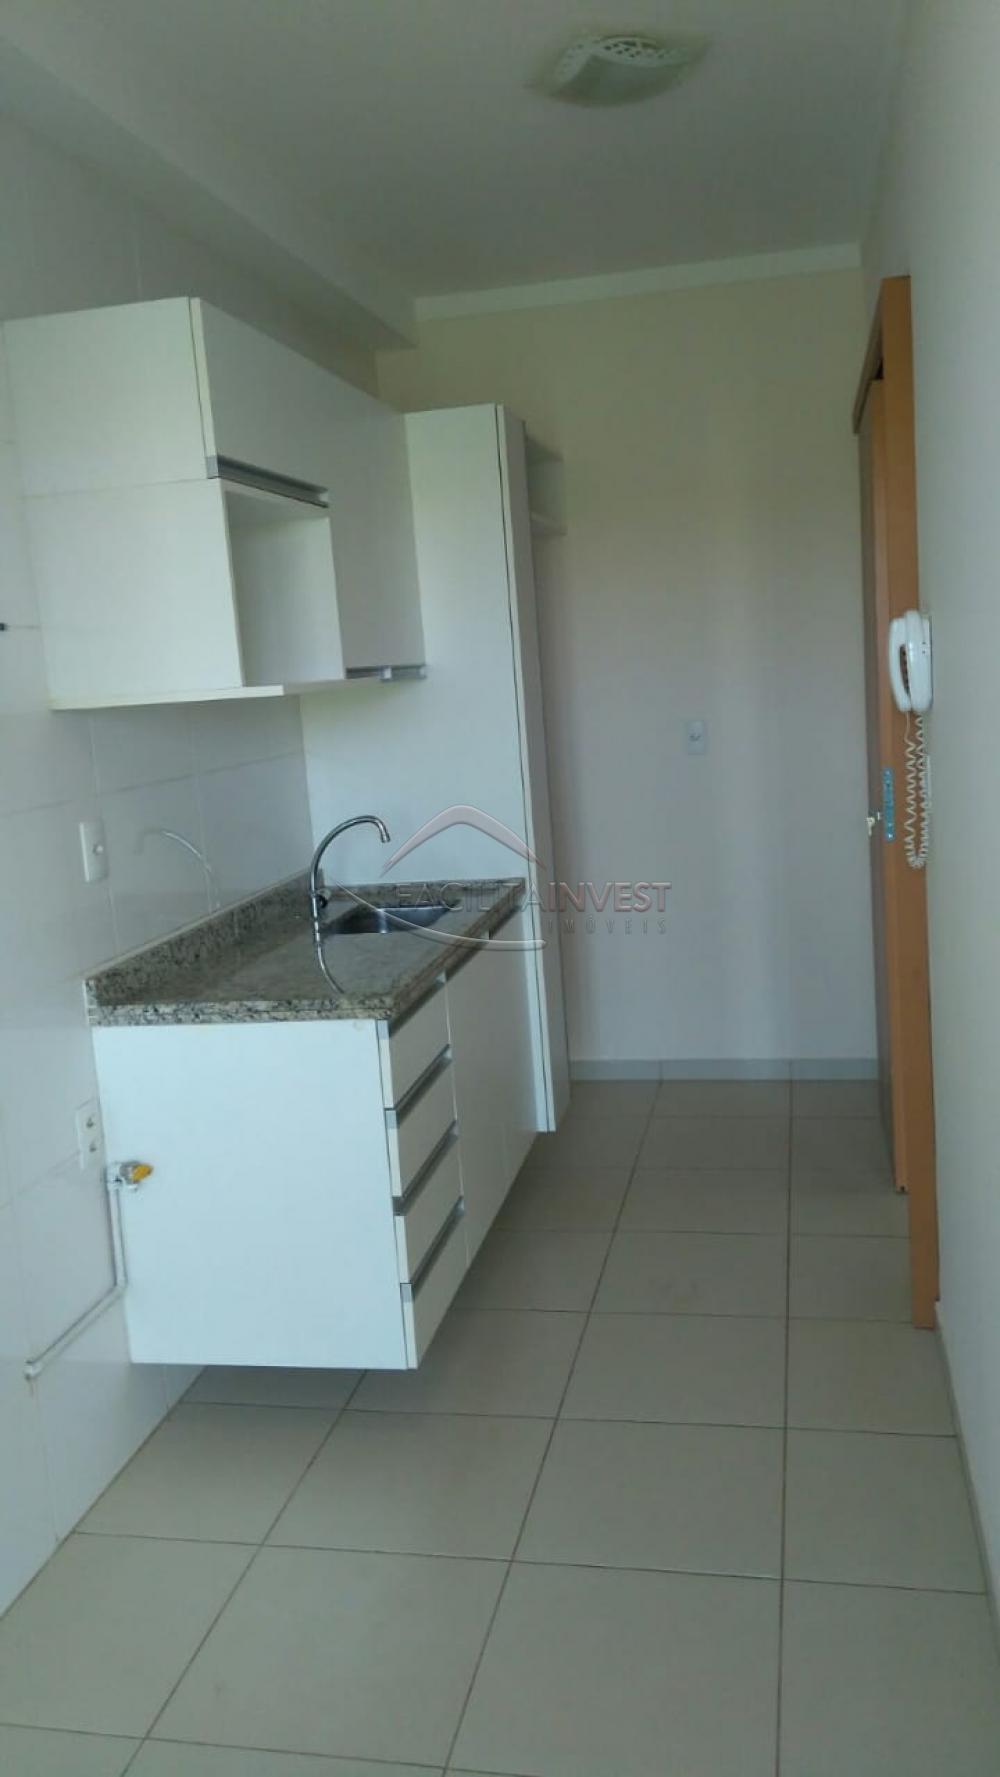 Comprar Lançamentos/ Empreendimentos em Construç / Apartamento padrão - Lançamento em Ribeirão Preto apenas R$ 216.000,00 - Foto 6